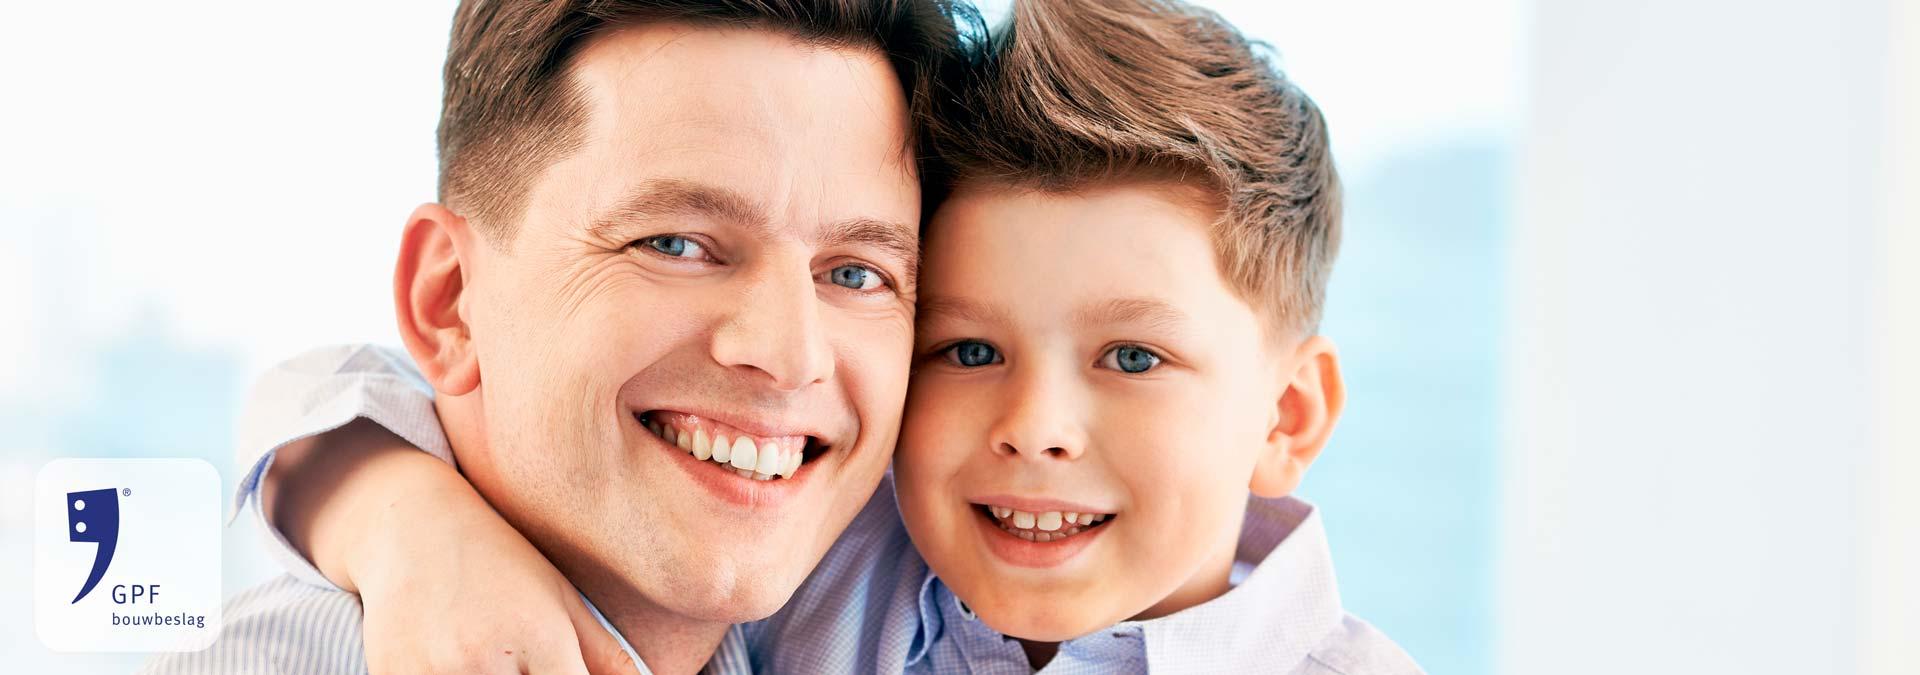 Sfeerafbeelding man en jongen